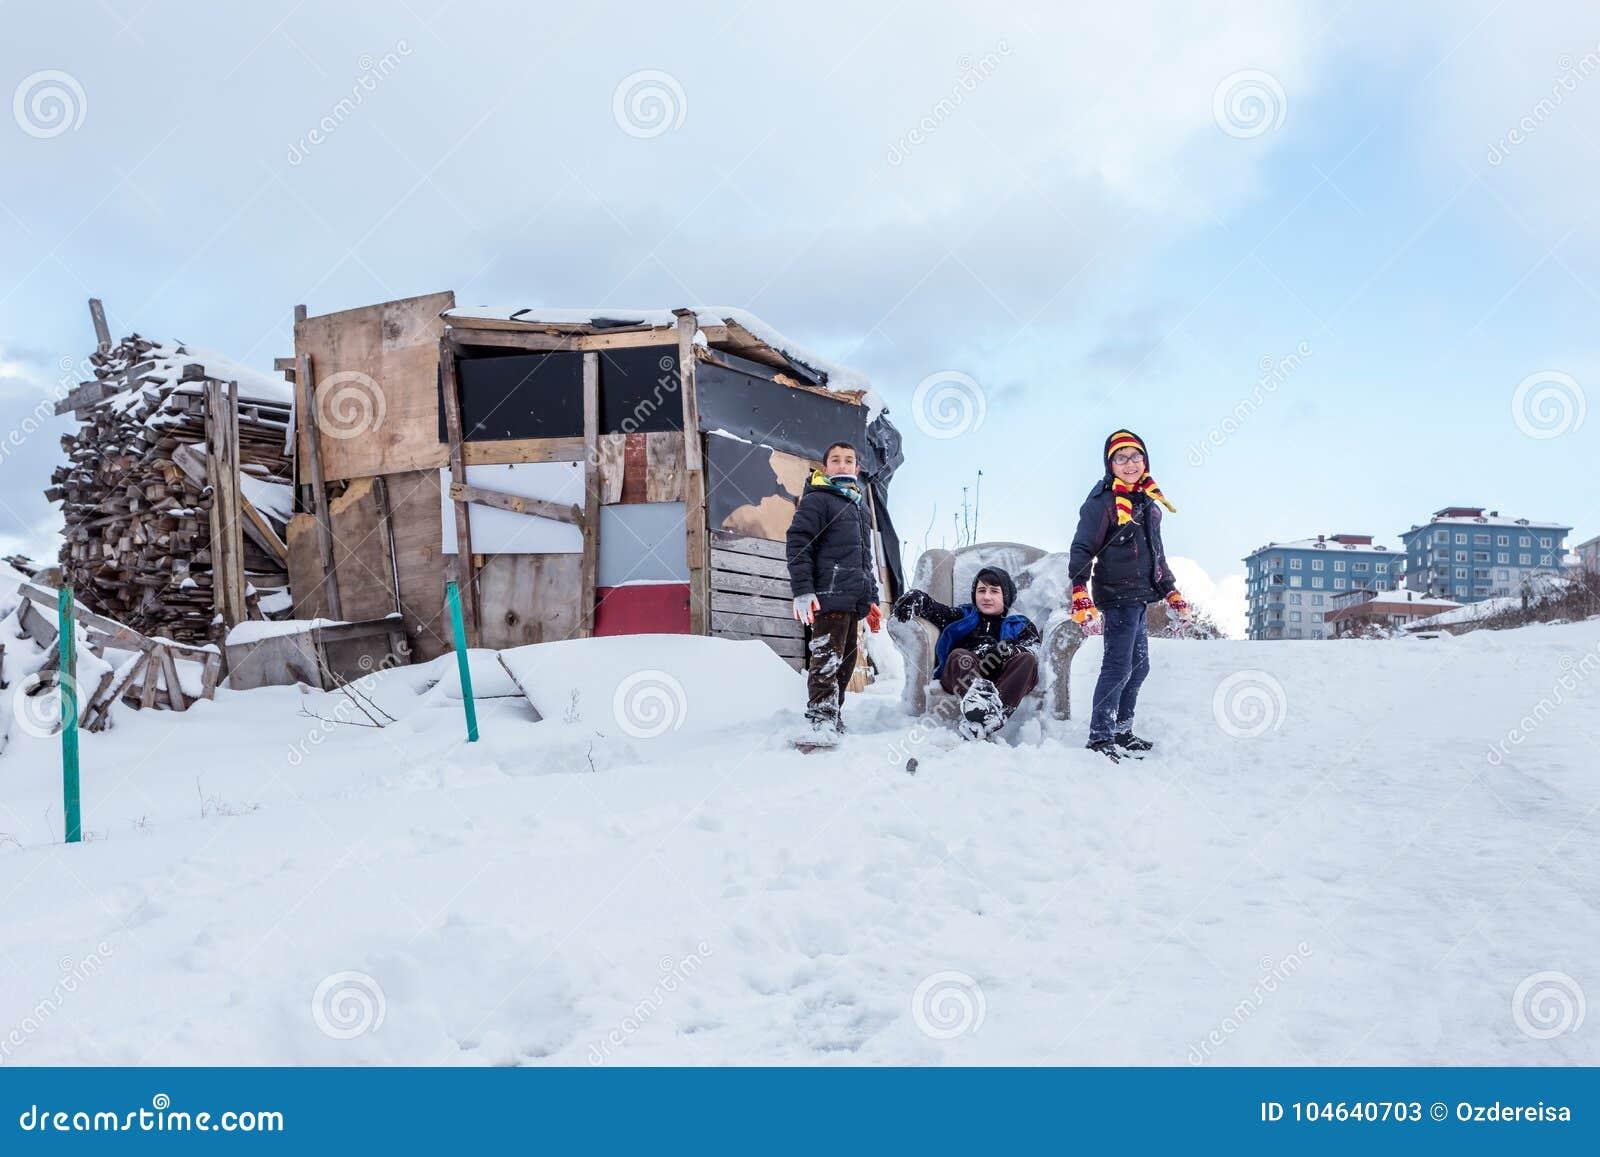 Download De Kinderen Glijden Op Sneeuw In Oude Schoolstijl Met Hardhout Redactionele Stock Foto - Afbeelding bestaande uit vreugde, speels: 104640703